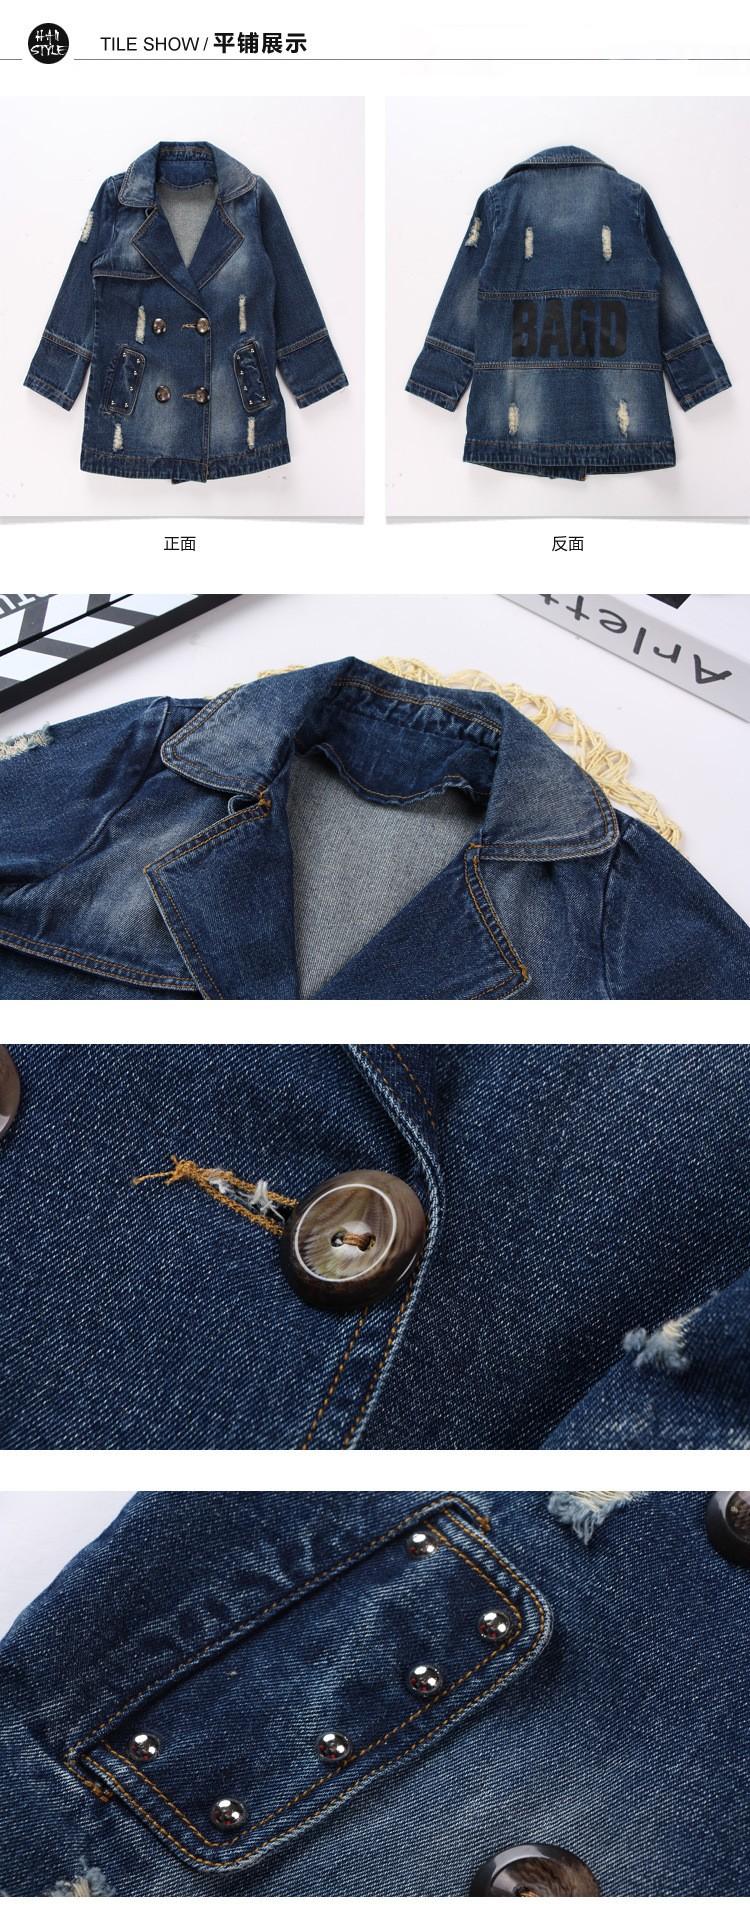 Скидки на Дети осень новый джинсовый жакет девушки Южная Корея мода досуга пальто синие буквы печать детская одежда